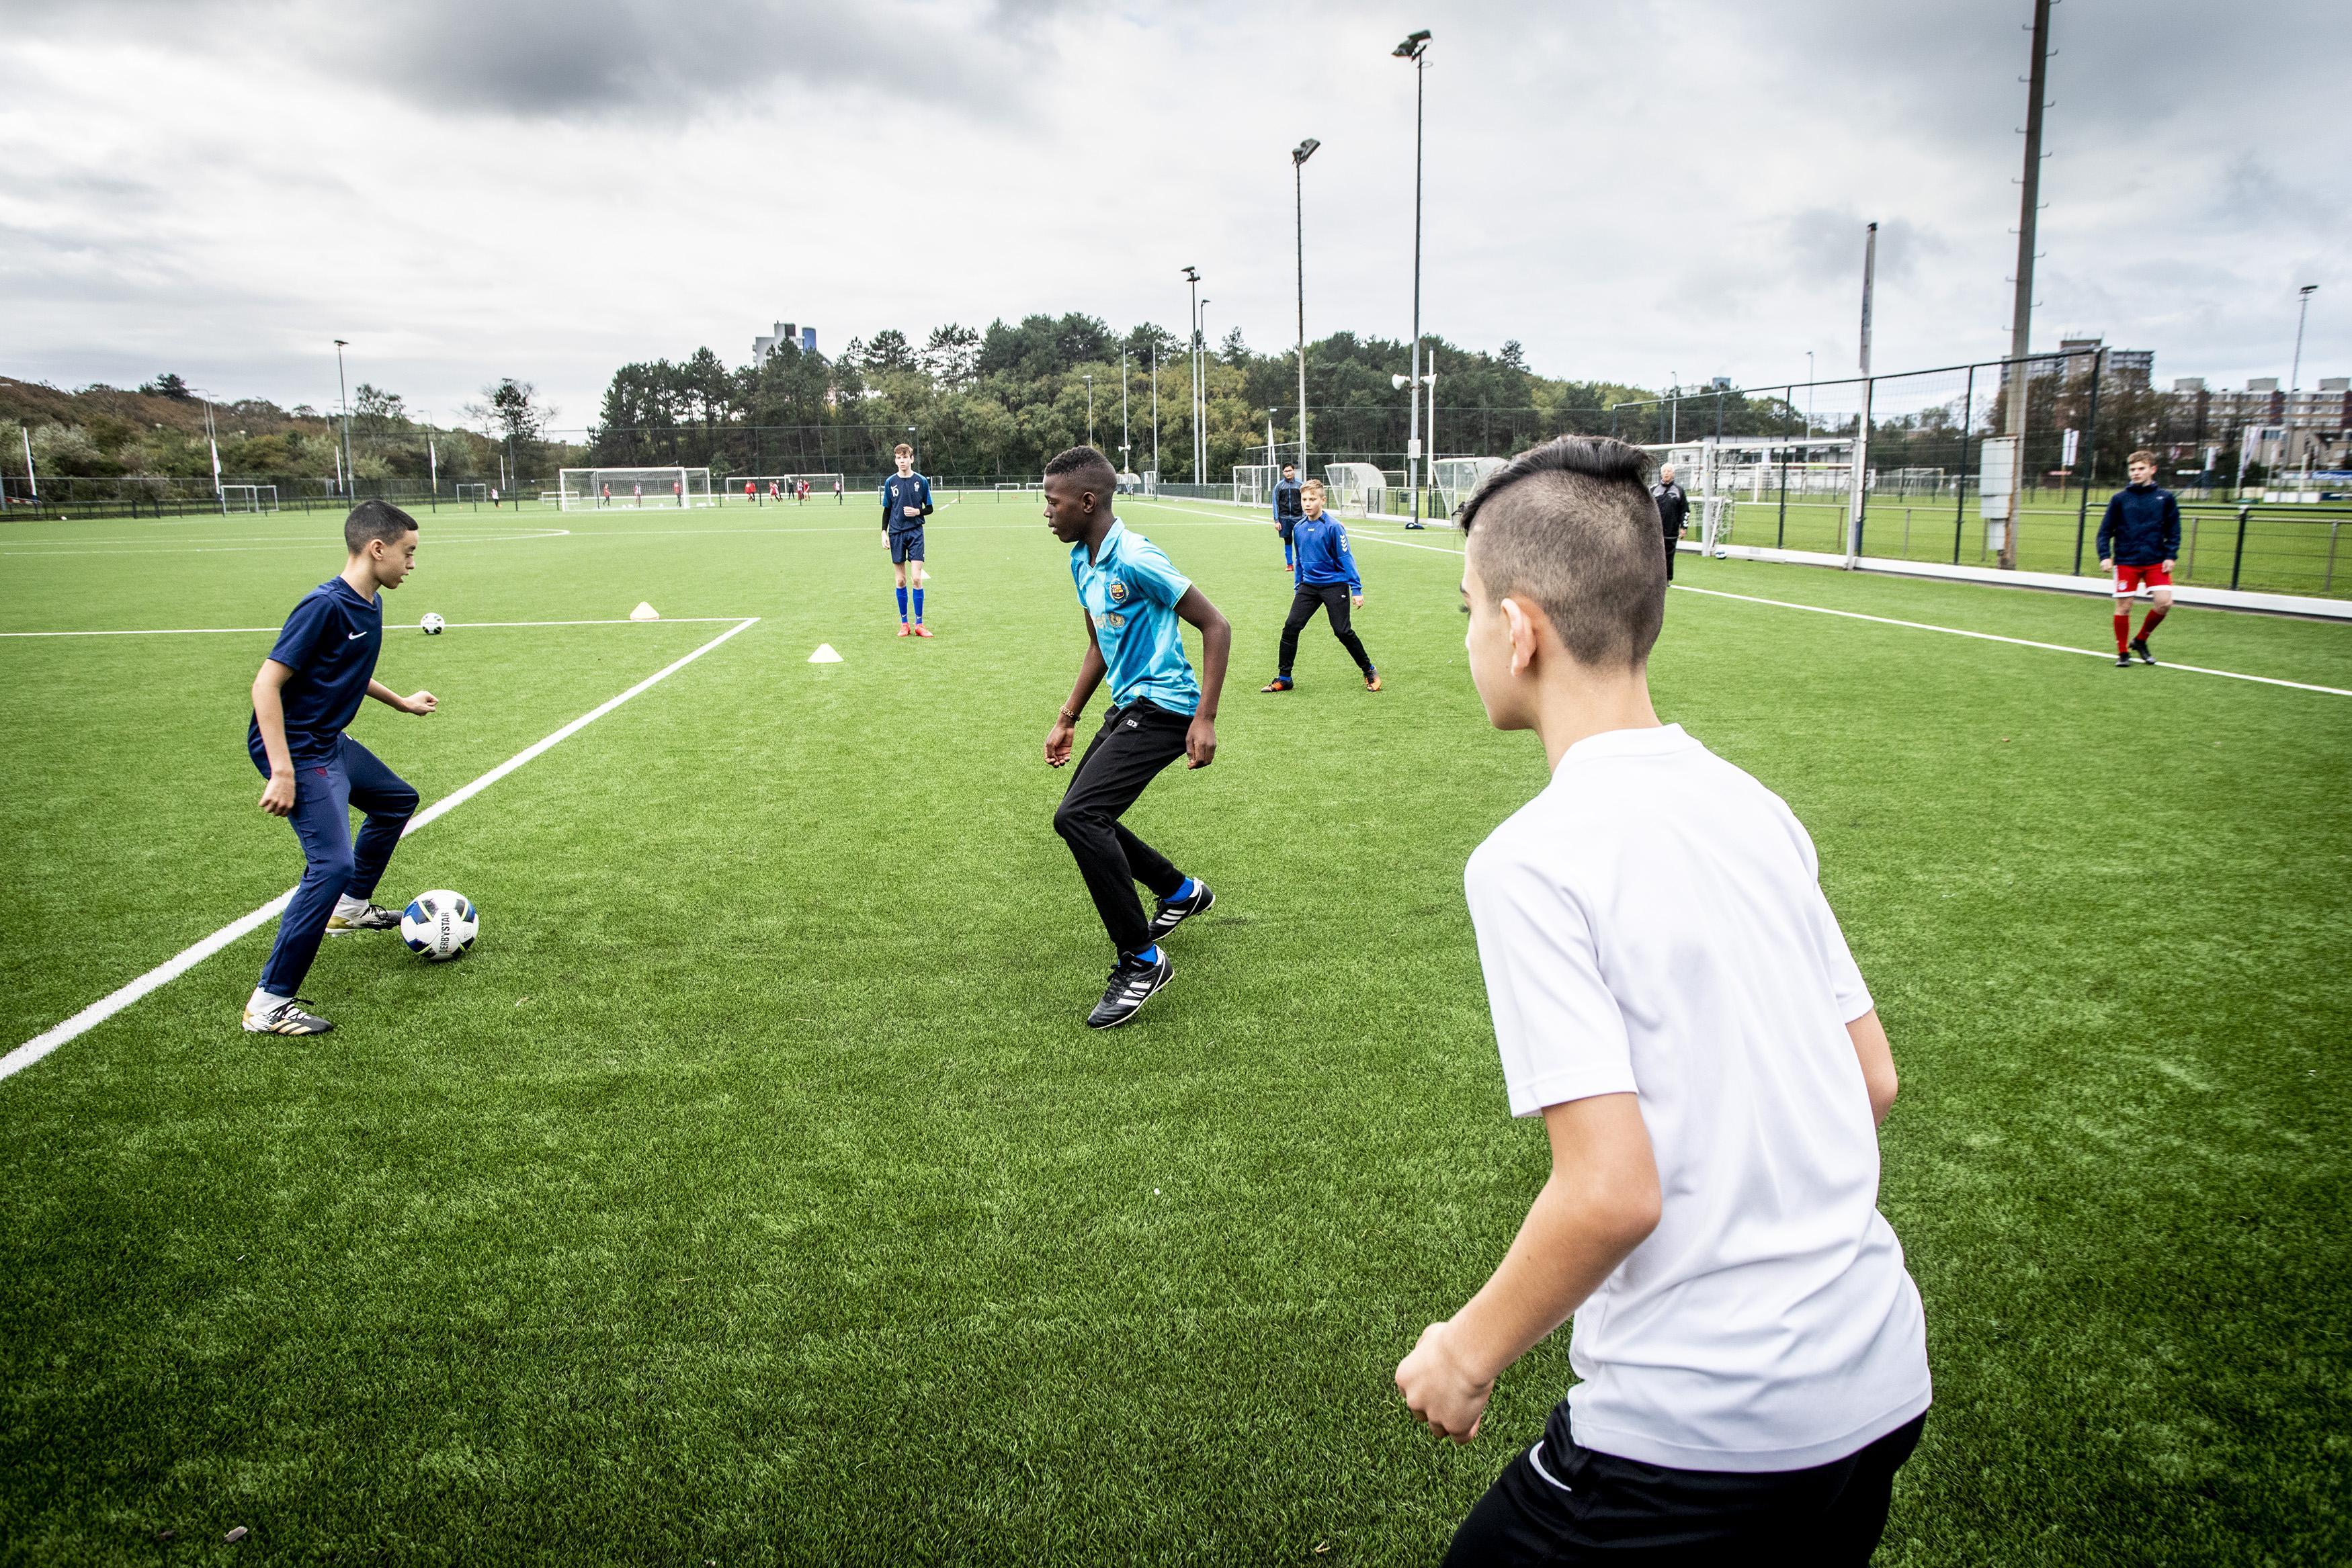 In het eerste weekeinde zonder competitie, zoeken Velsense sportclubs naar alternatieven